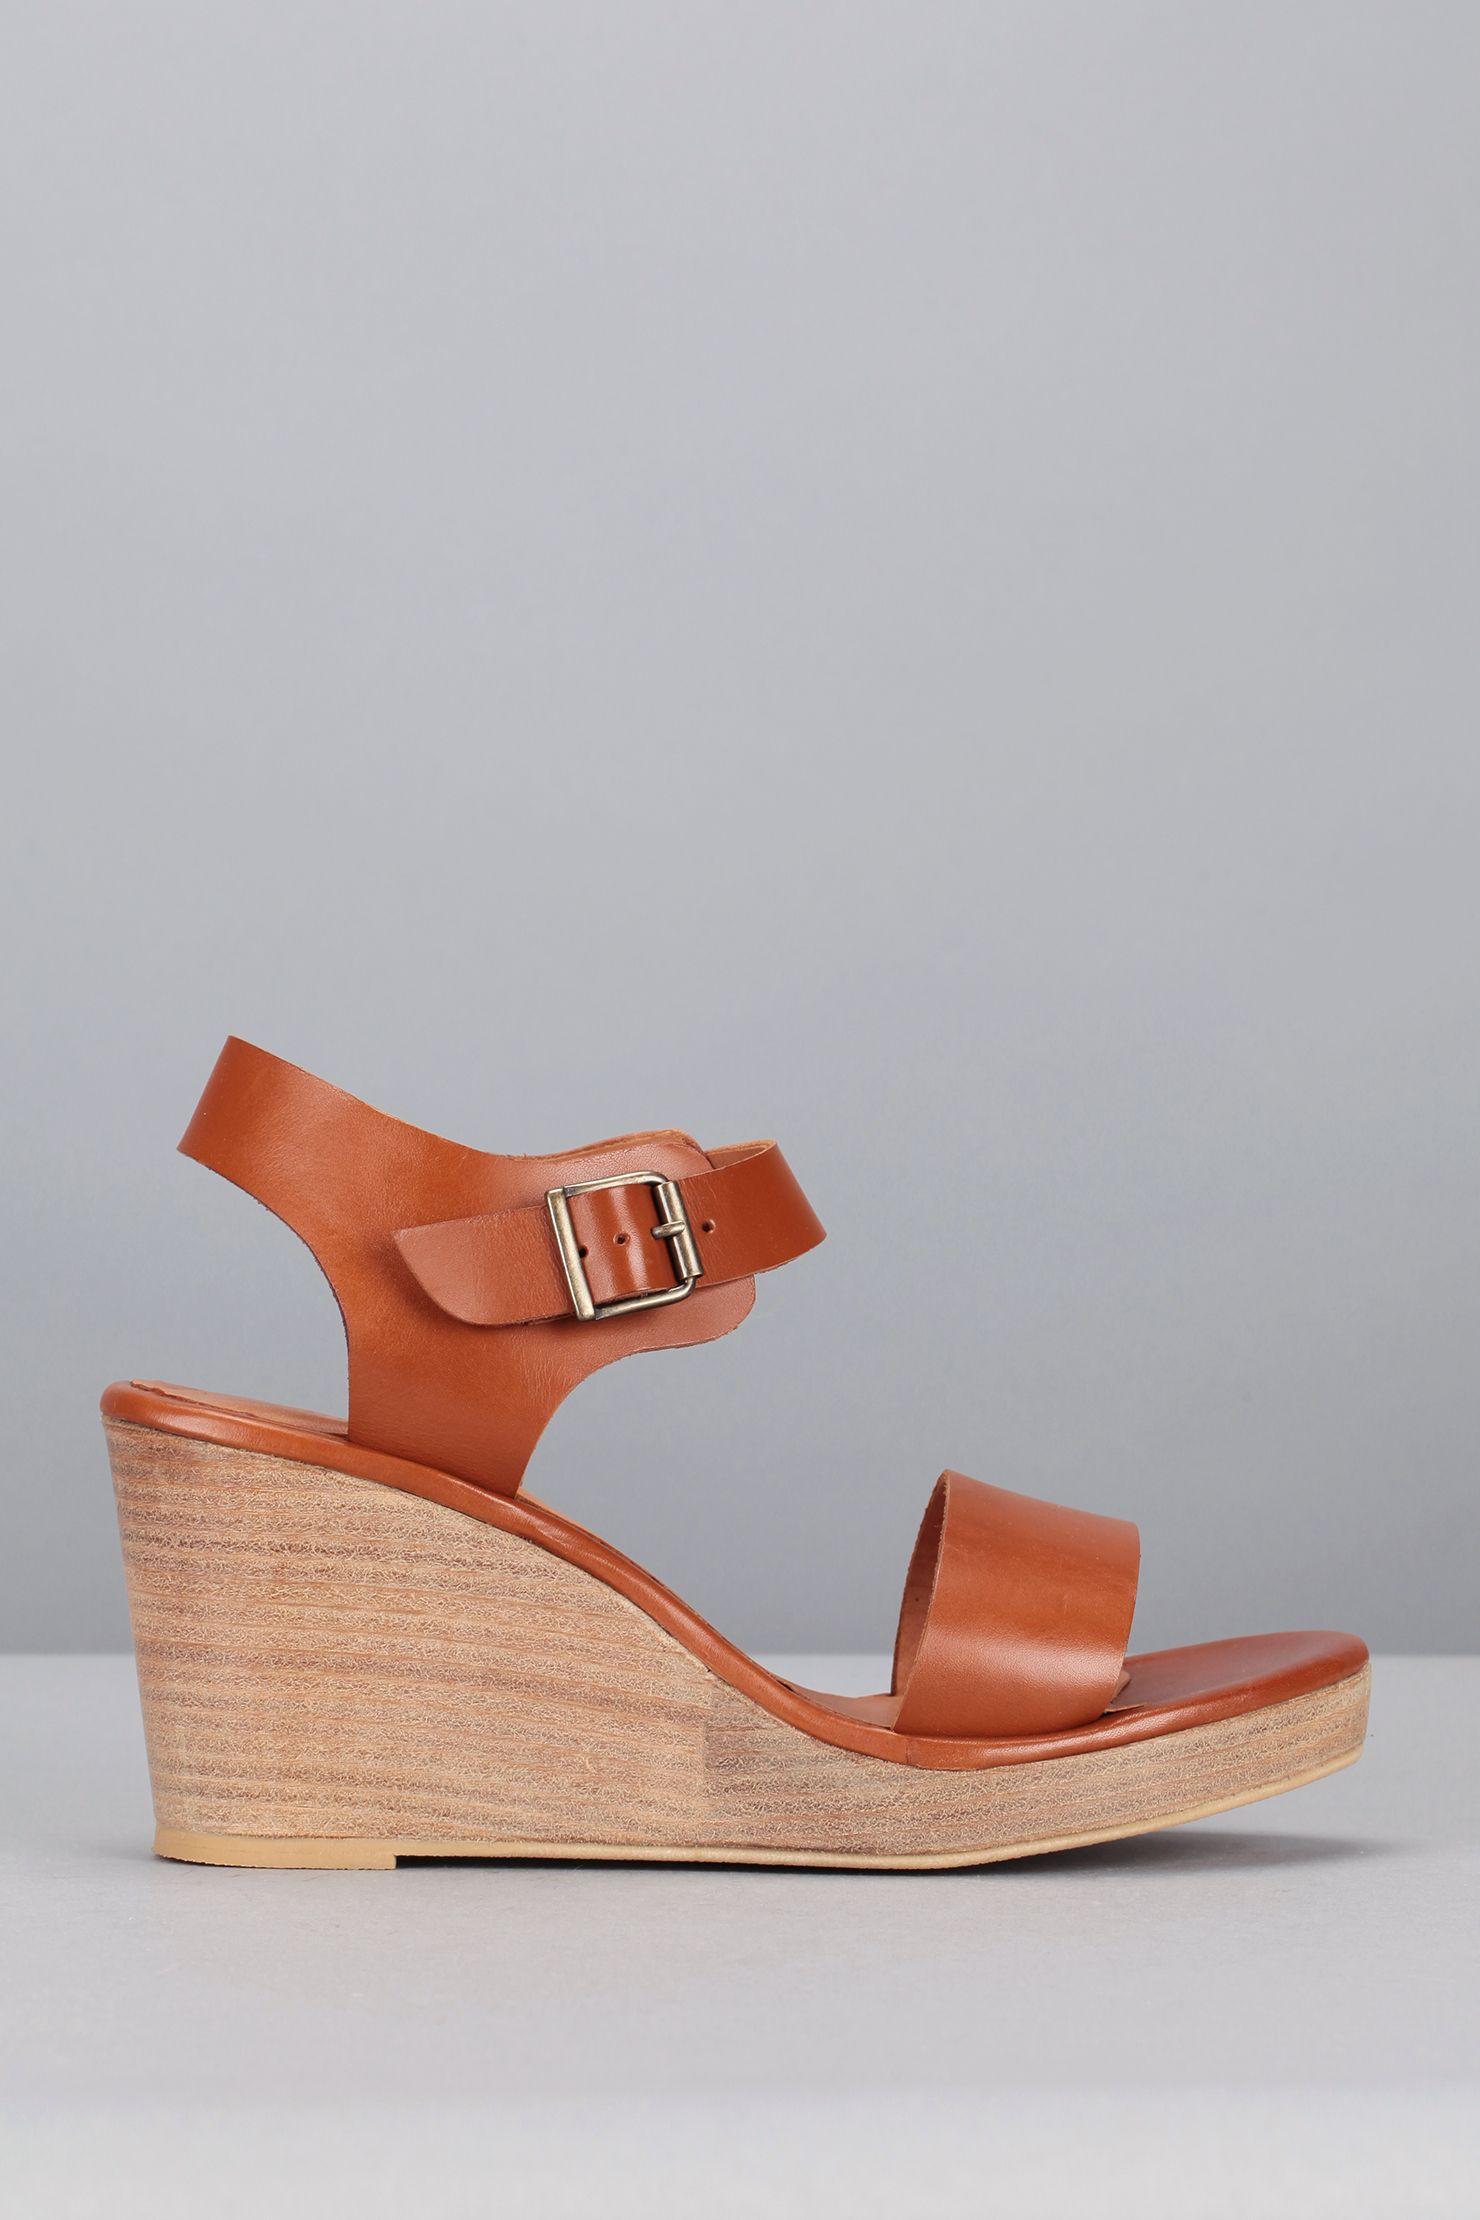 Chaussures TeaPassion Sandales Camel Cuir Compensées OPuZTXki